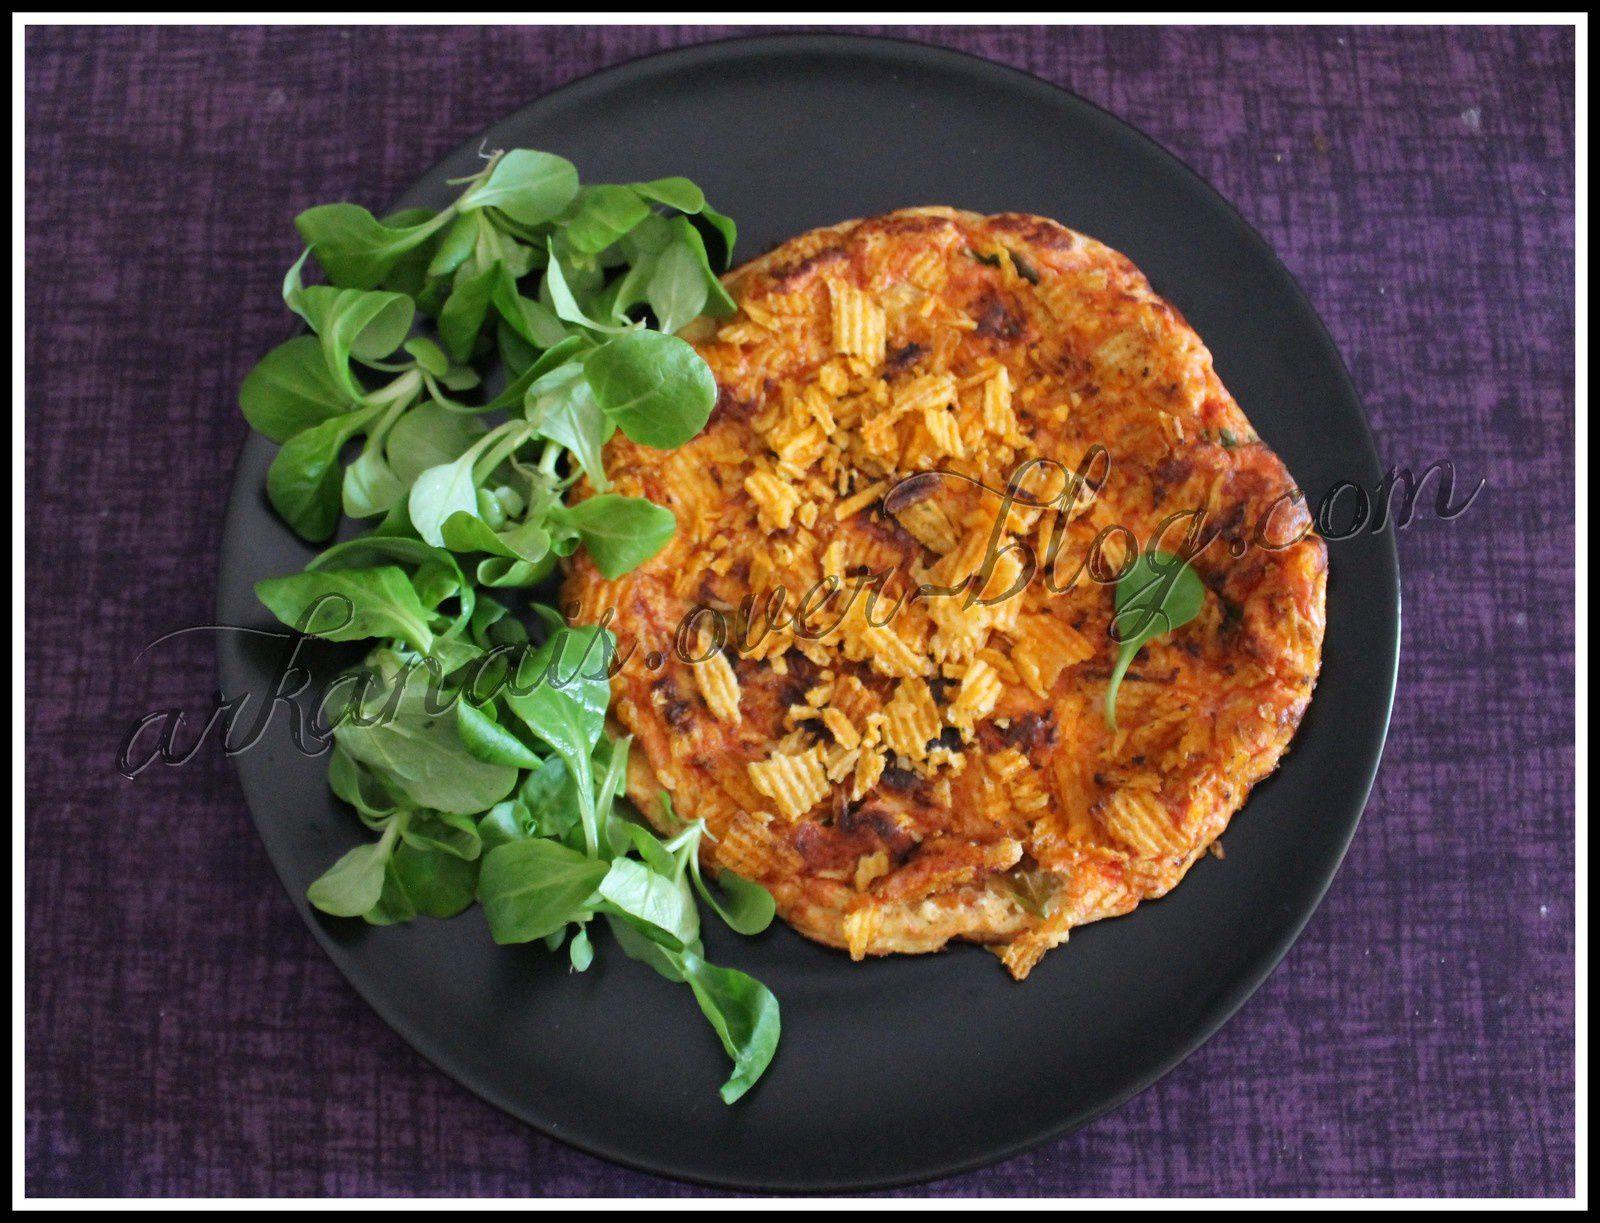 Cuisiner avec des chips - Omelette Bolognaise